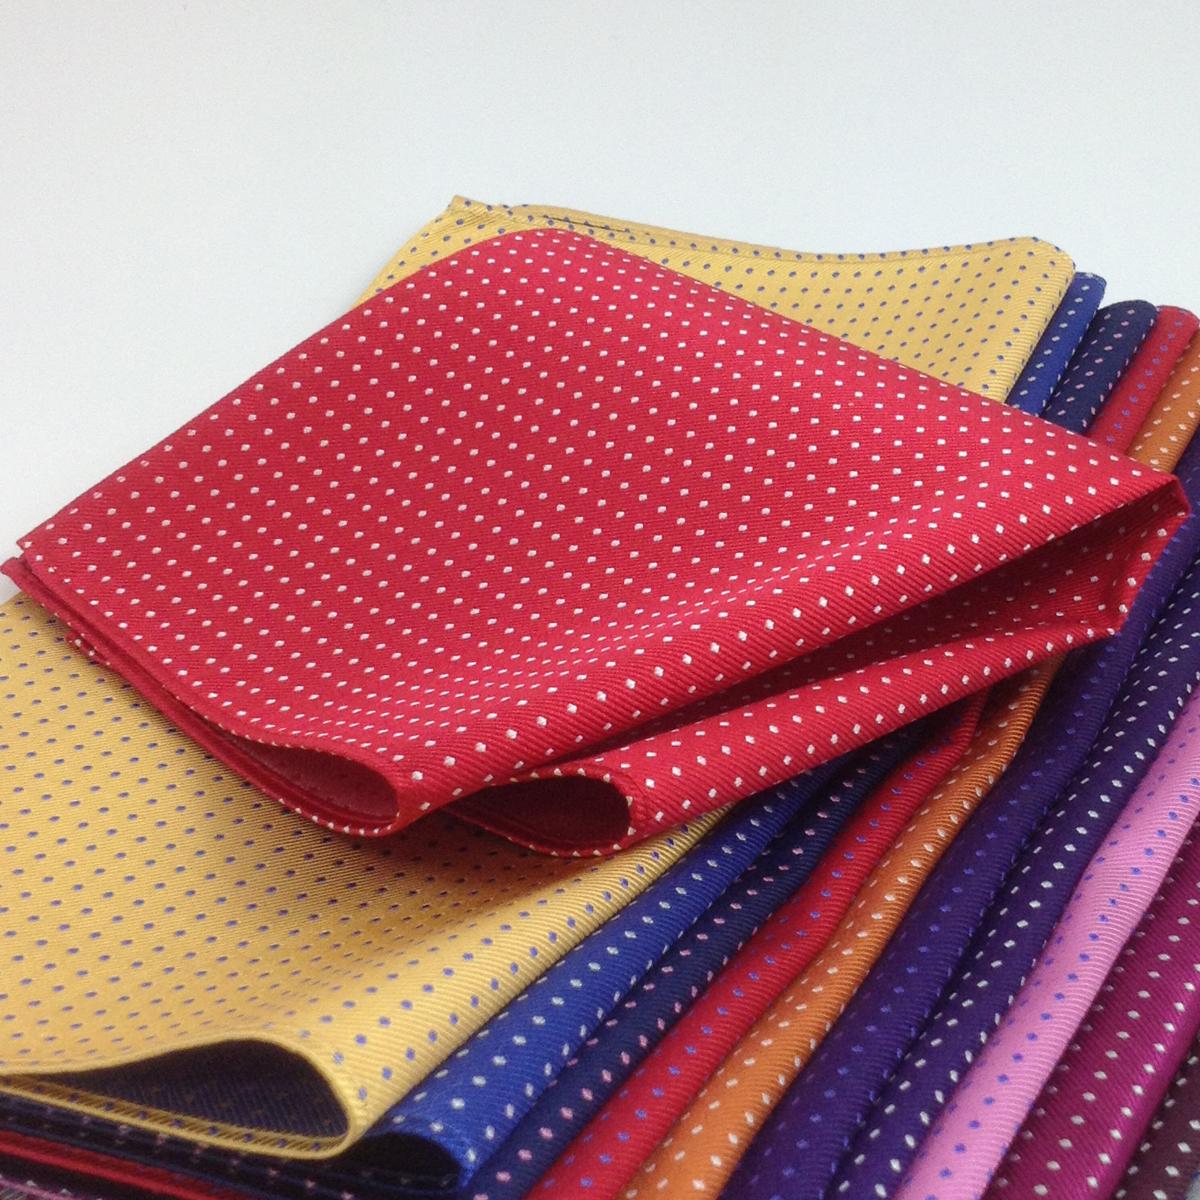 N657 spots PS group - - Con Murphys Menswear